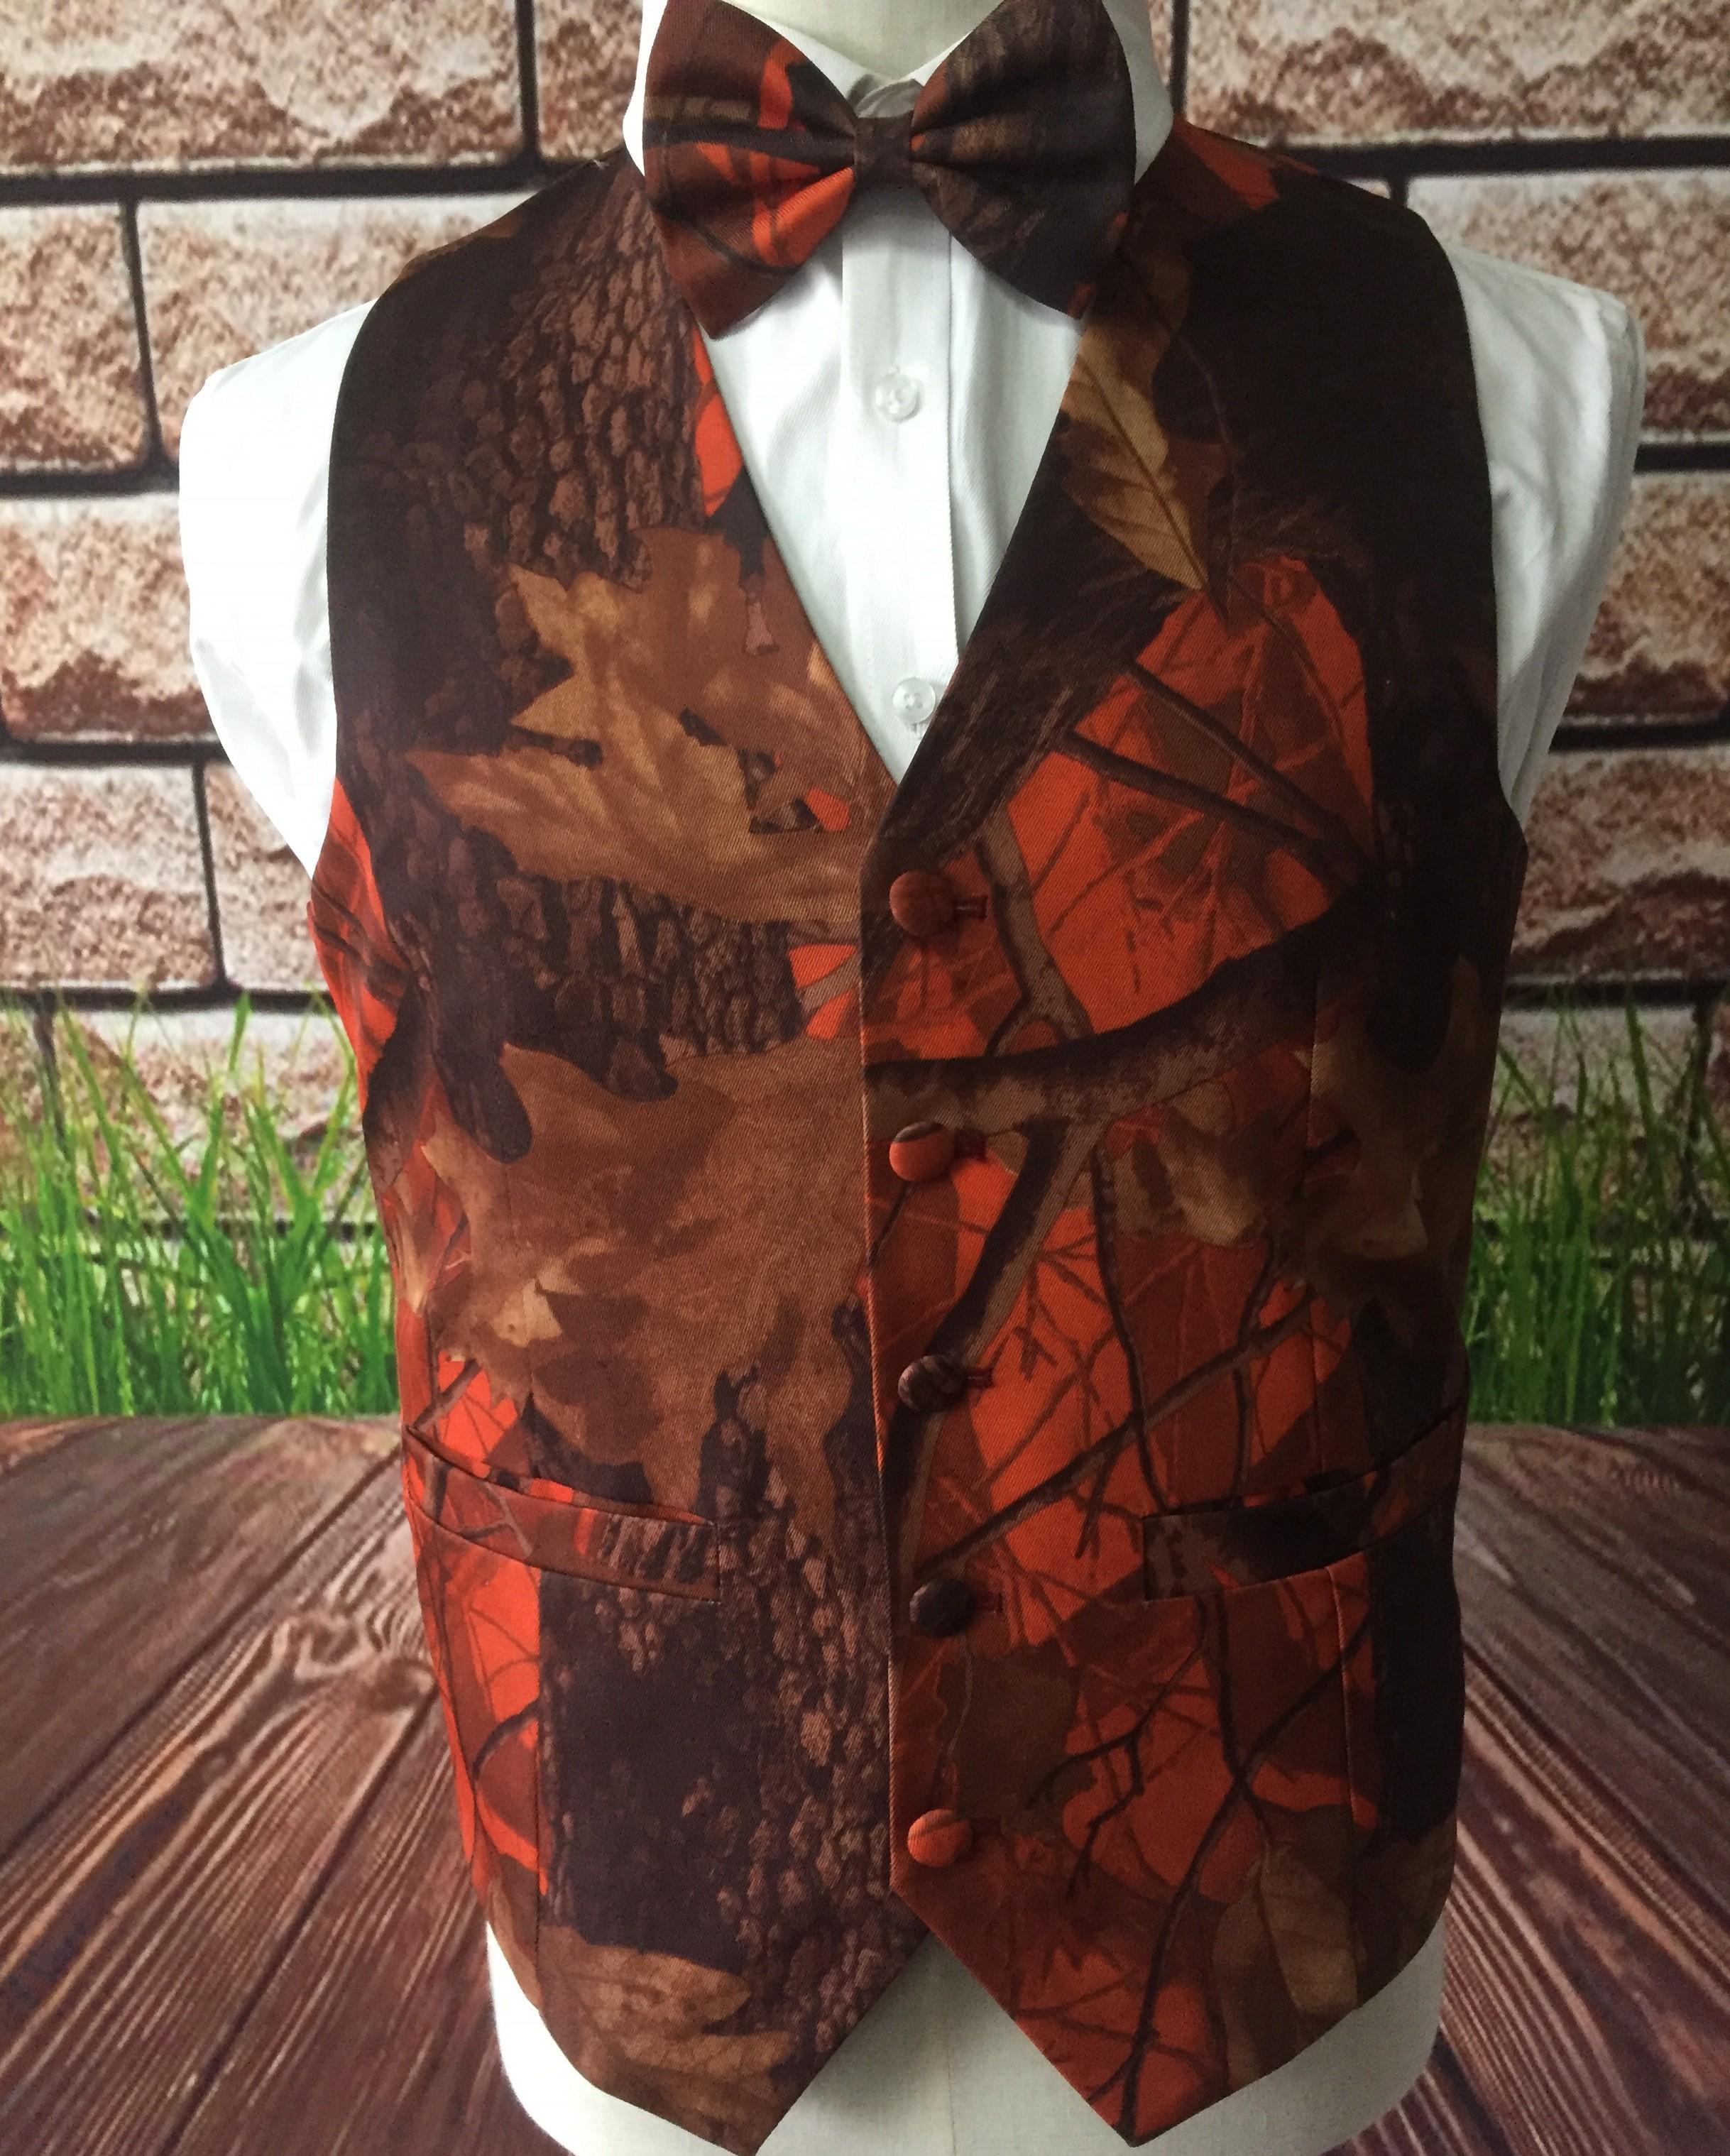 Camo Baskı Damat Yelekler Kamuflaj Bestman Yelek Kıyafeti Slim Fit Erkek Yelek Elbiseler 2 Parça Set (Yelek + Yay) Custom Made Artı Boyutu Gerçek Görüntü B068